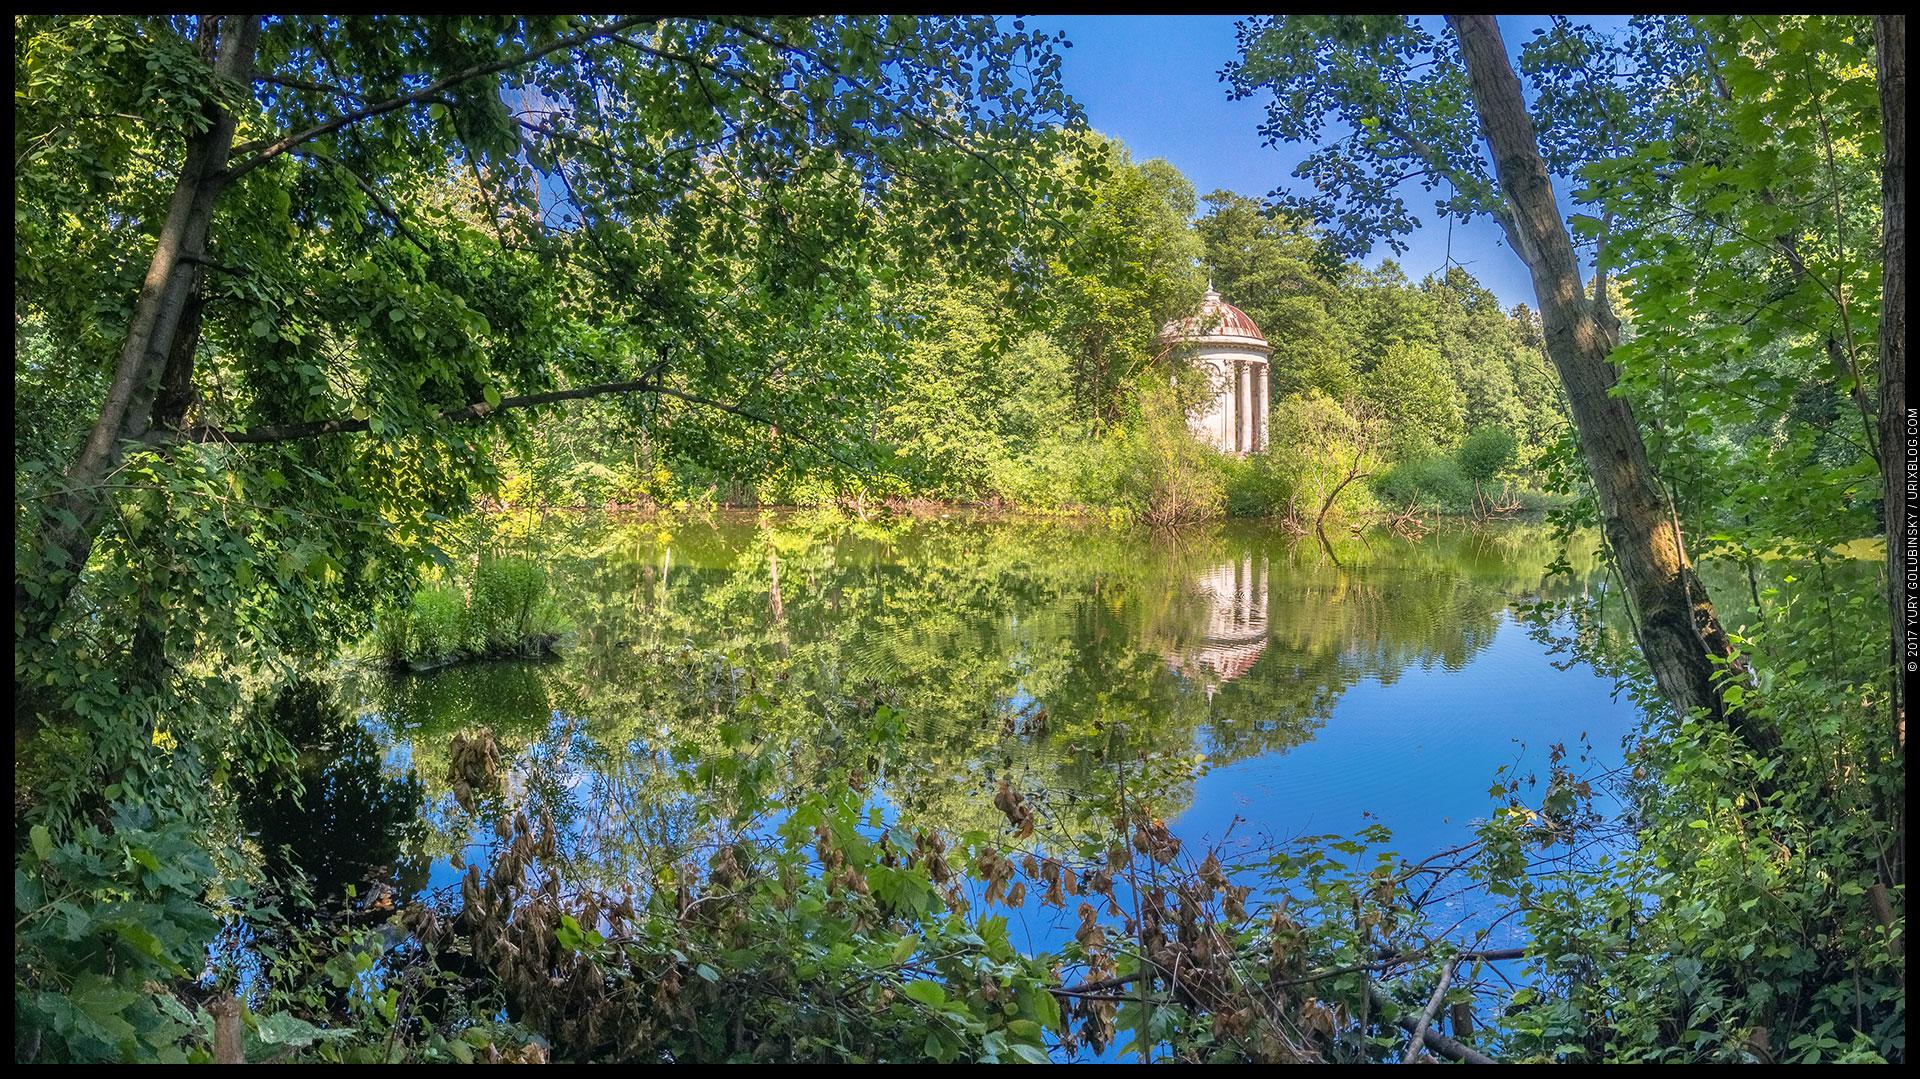 Bazhenov rotunda, lake, pond, Vorontsov park, Bykovo homestead, Russia